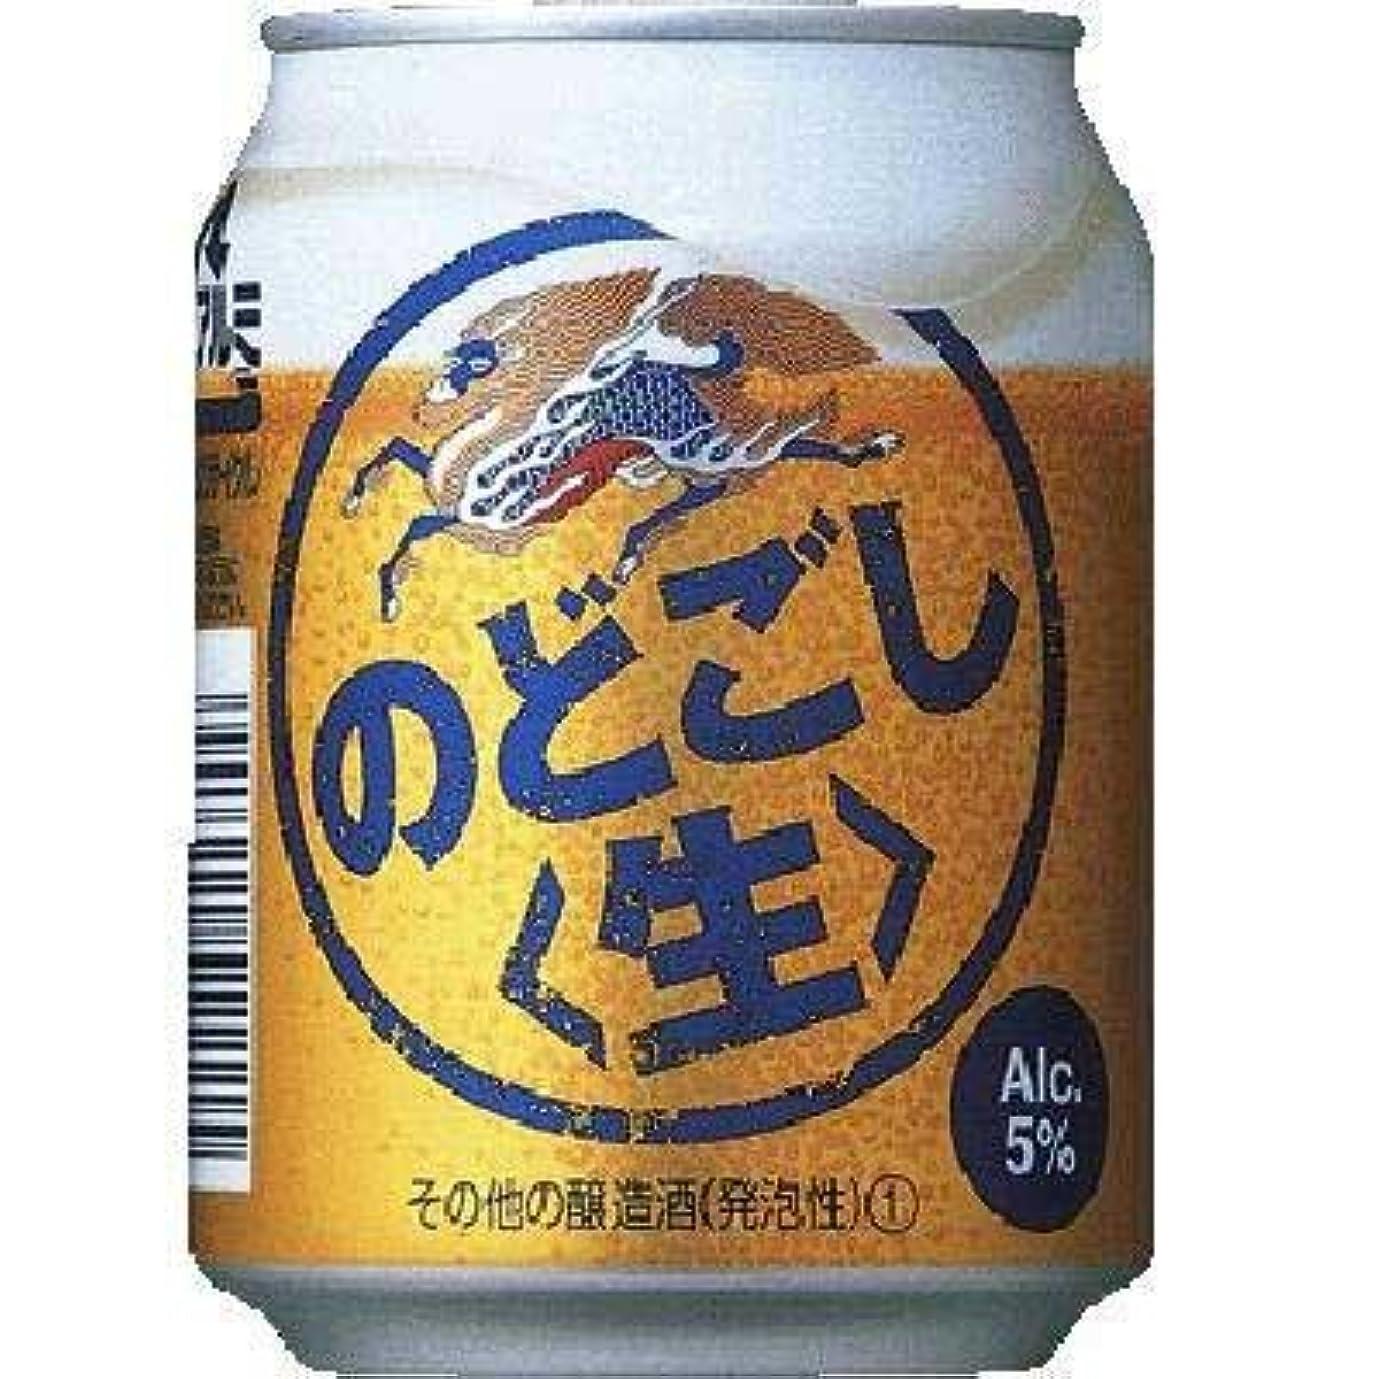 スタウト公然とどこにでもキリン のどごし 生 ( 250ml × 24本 )×2箱 【少量缶】